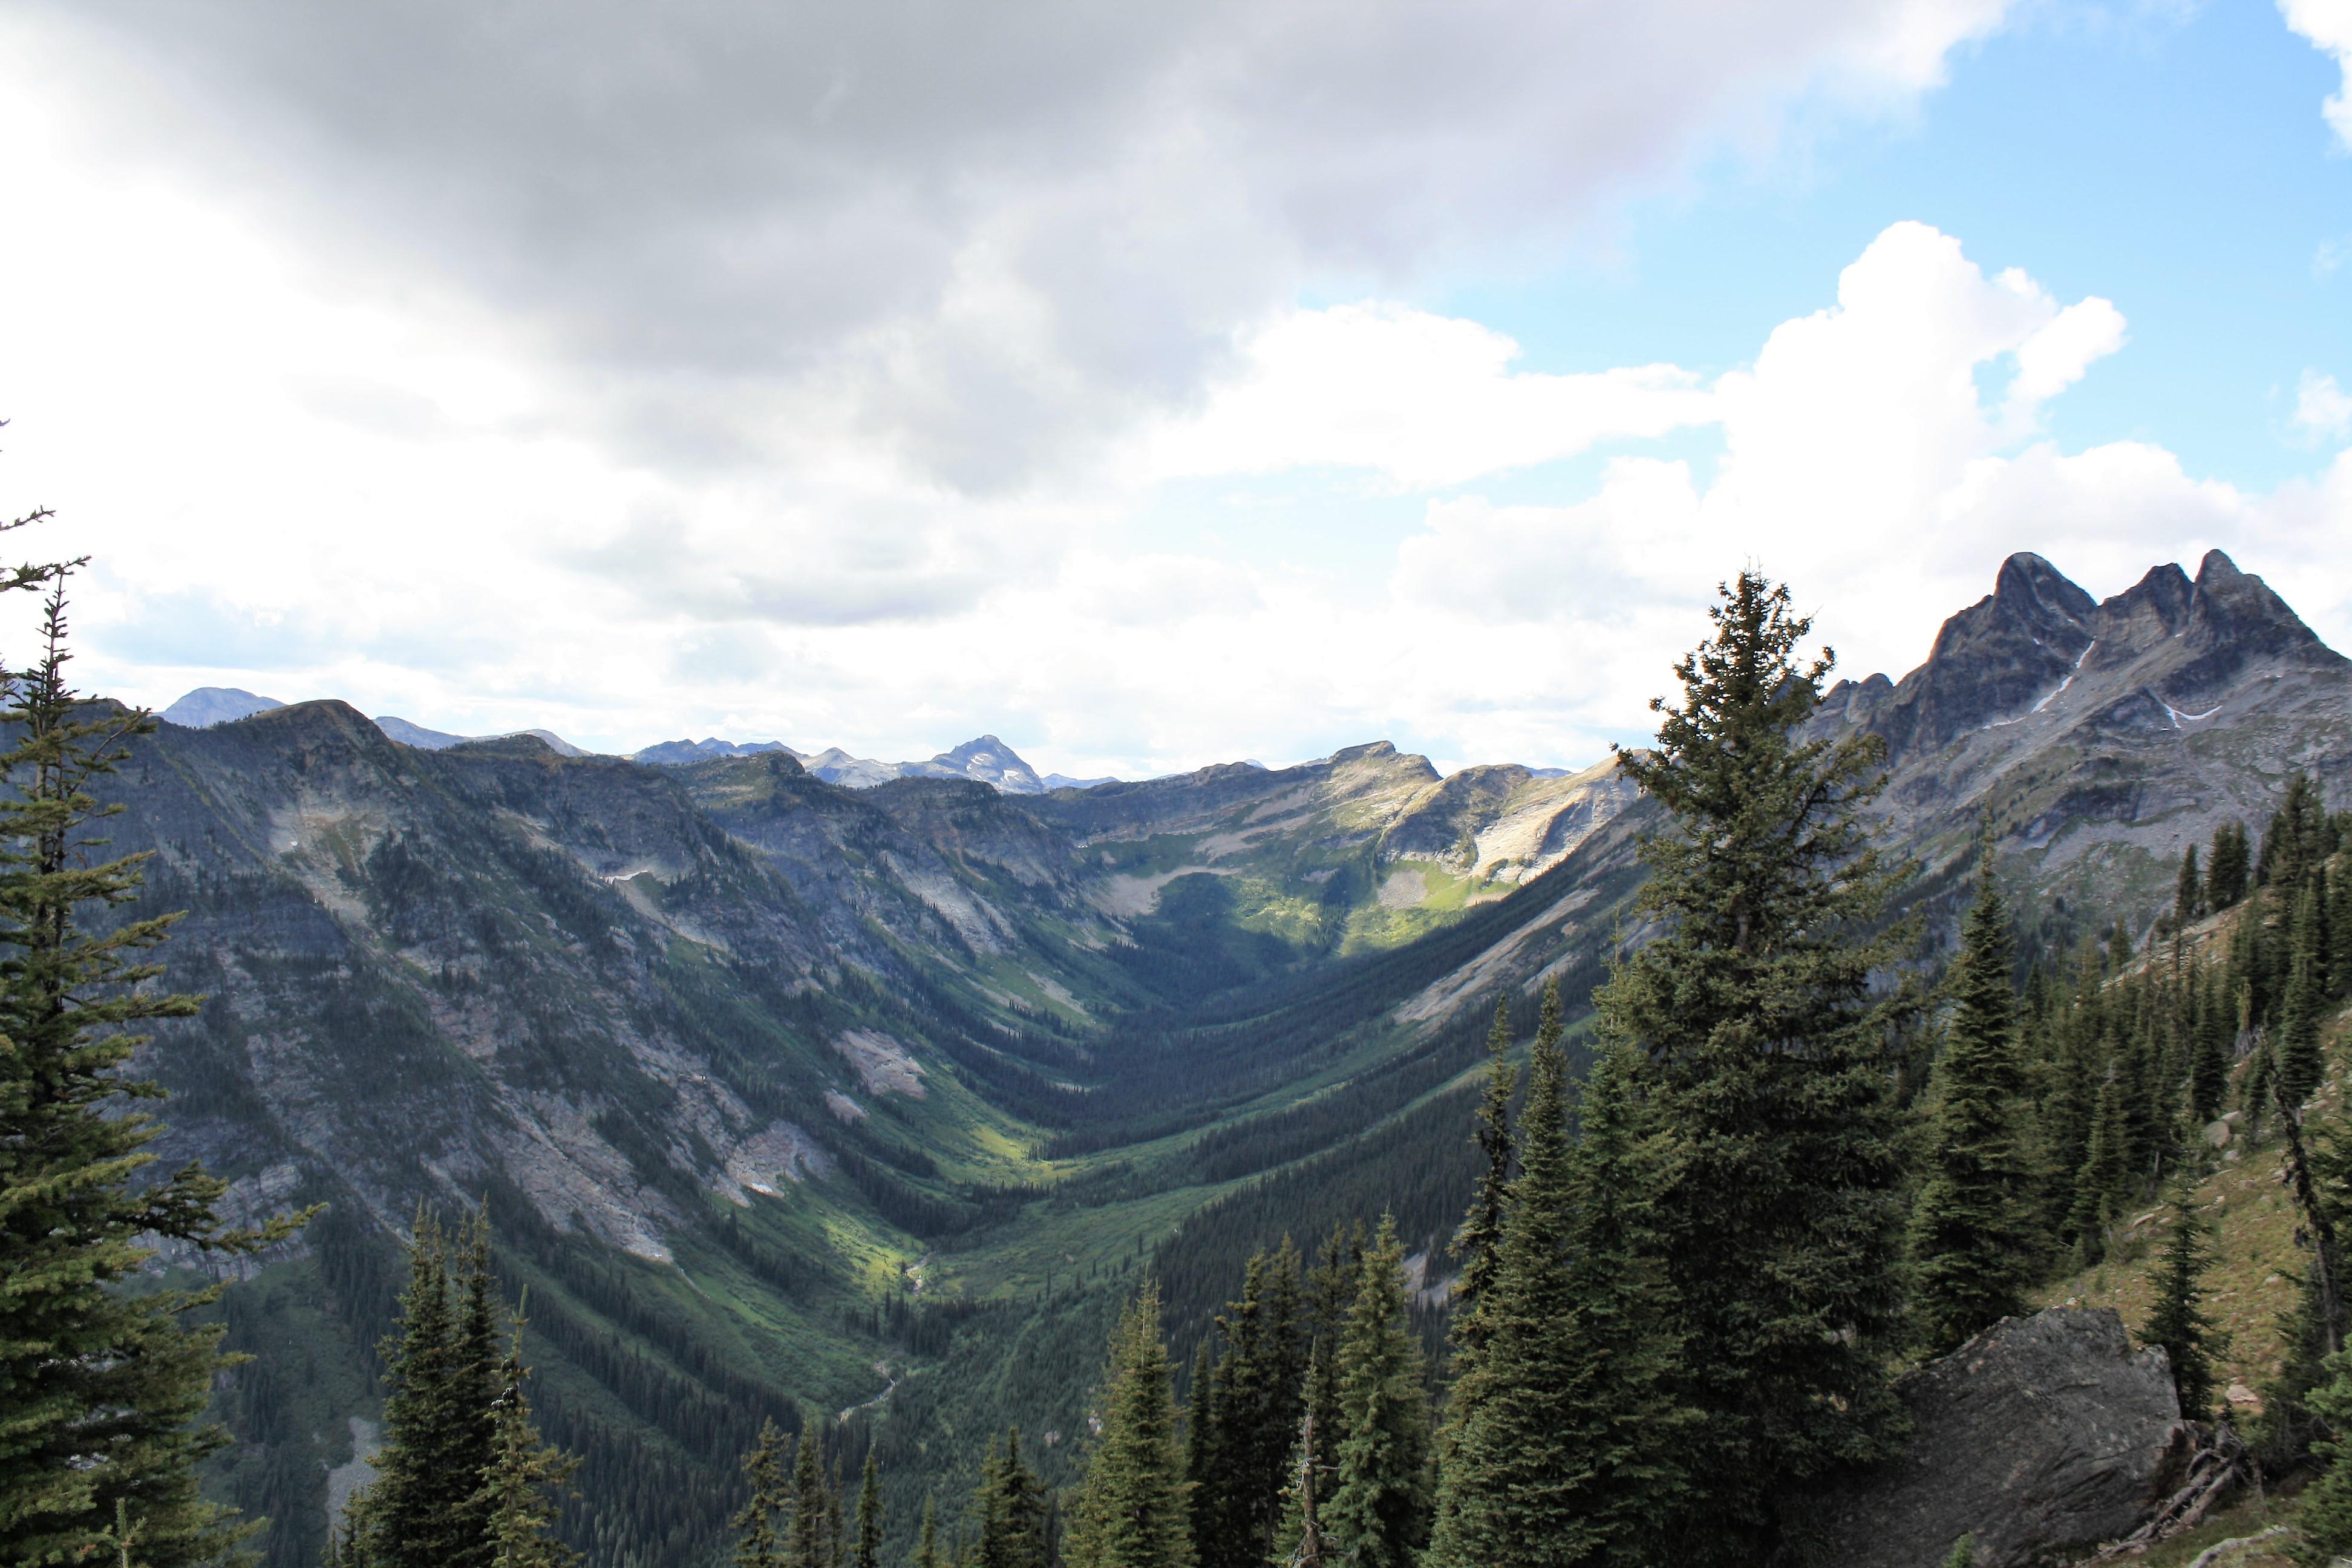 DM_nature_landscape_gimliparadise_0171